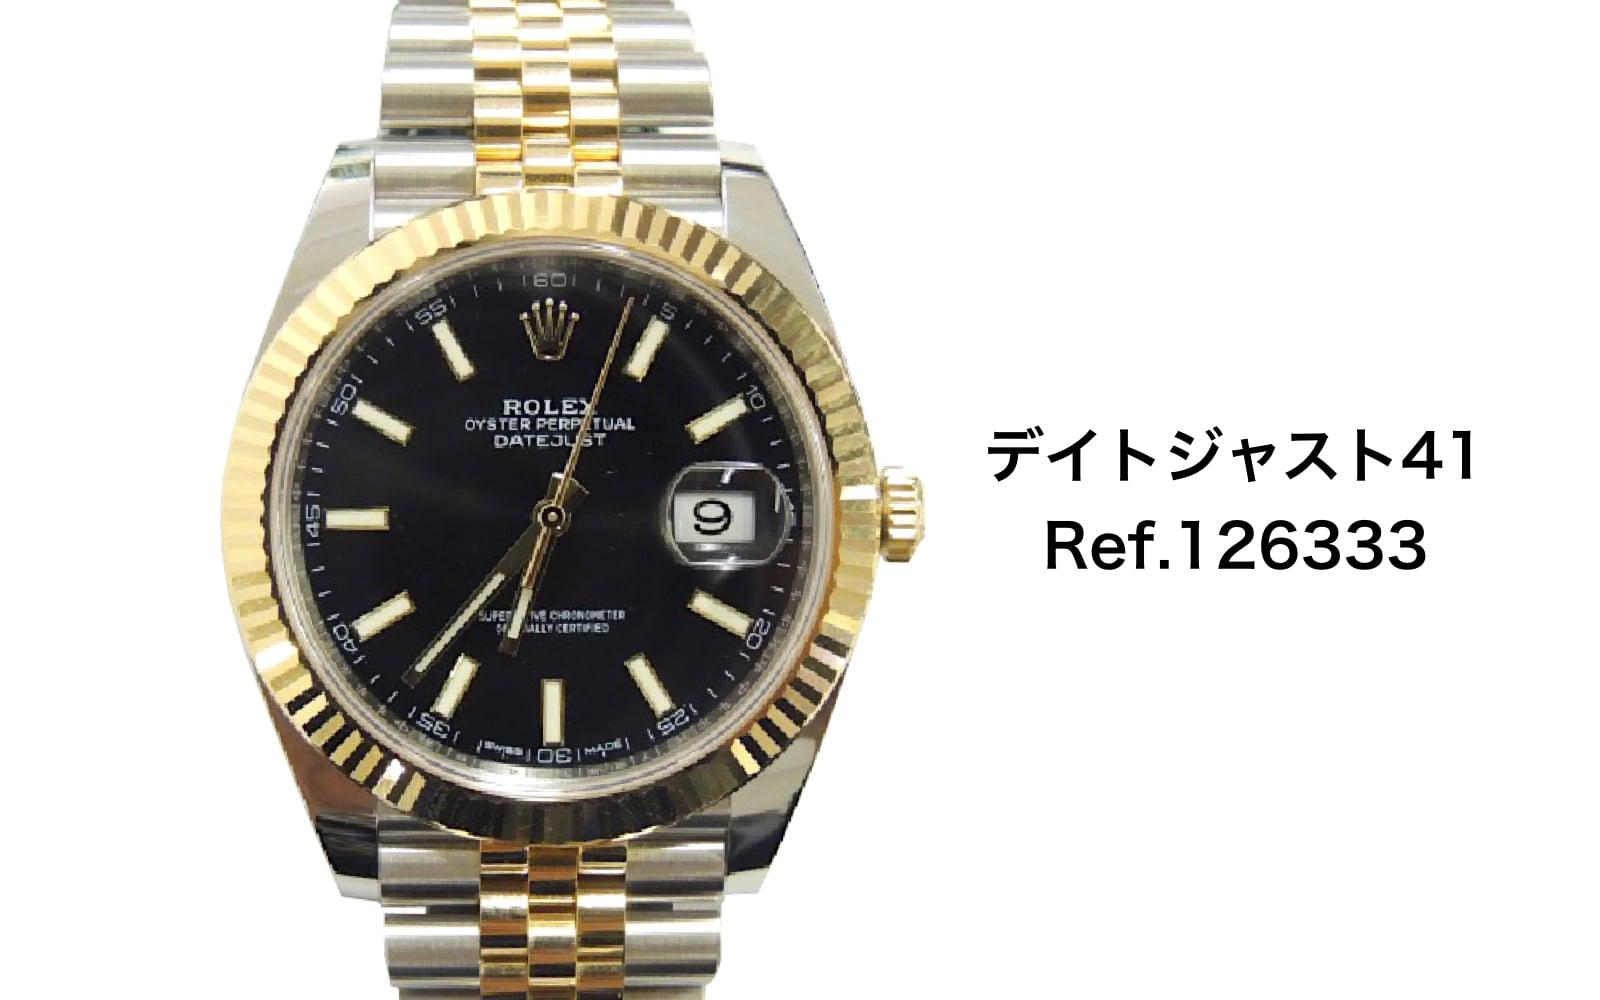 ロレックス買取デイトジャスト41 Ref.126333ロレゾール